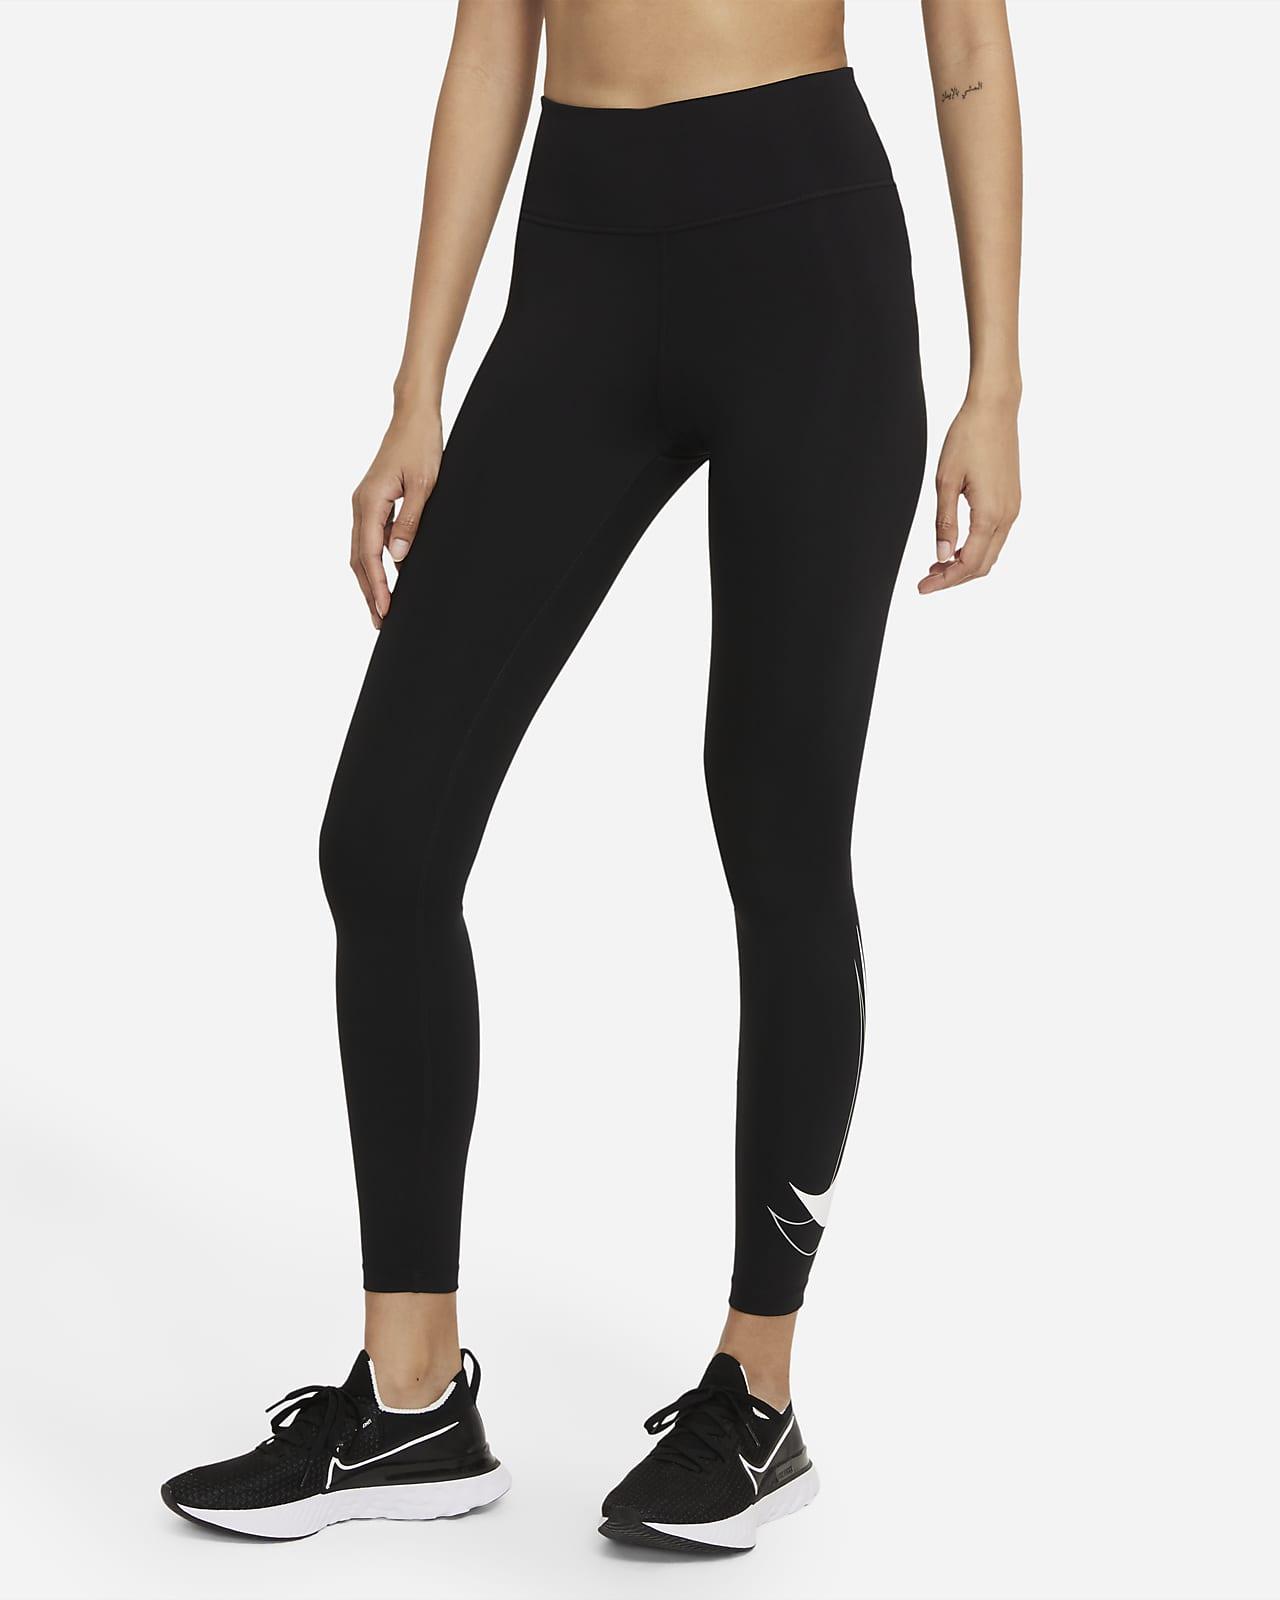 Dámské7/8 běžecké legíny Nike Dri-FIT Swoosh Run se středně vysokým pasem